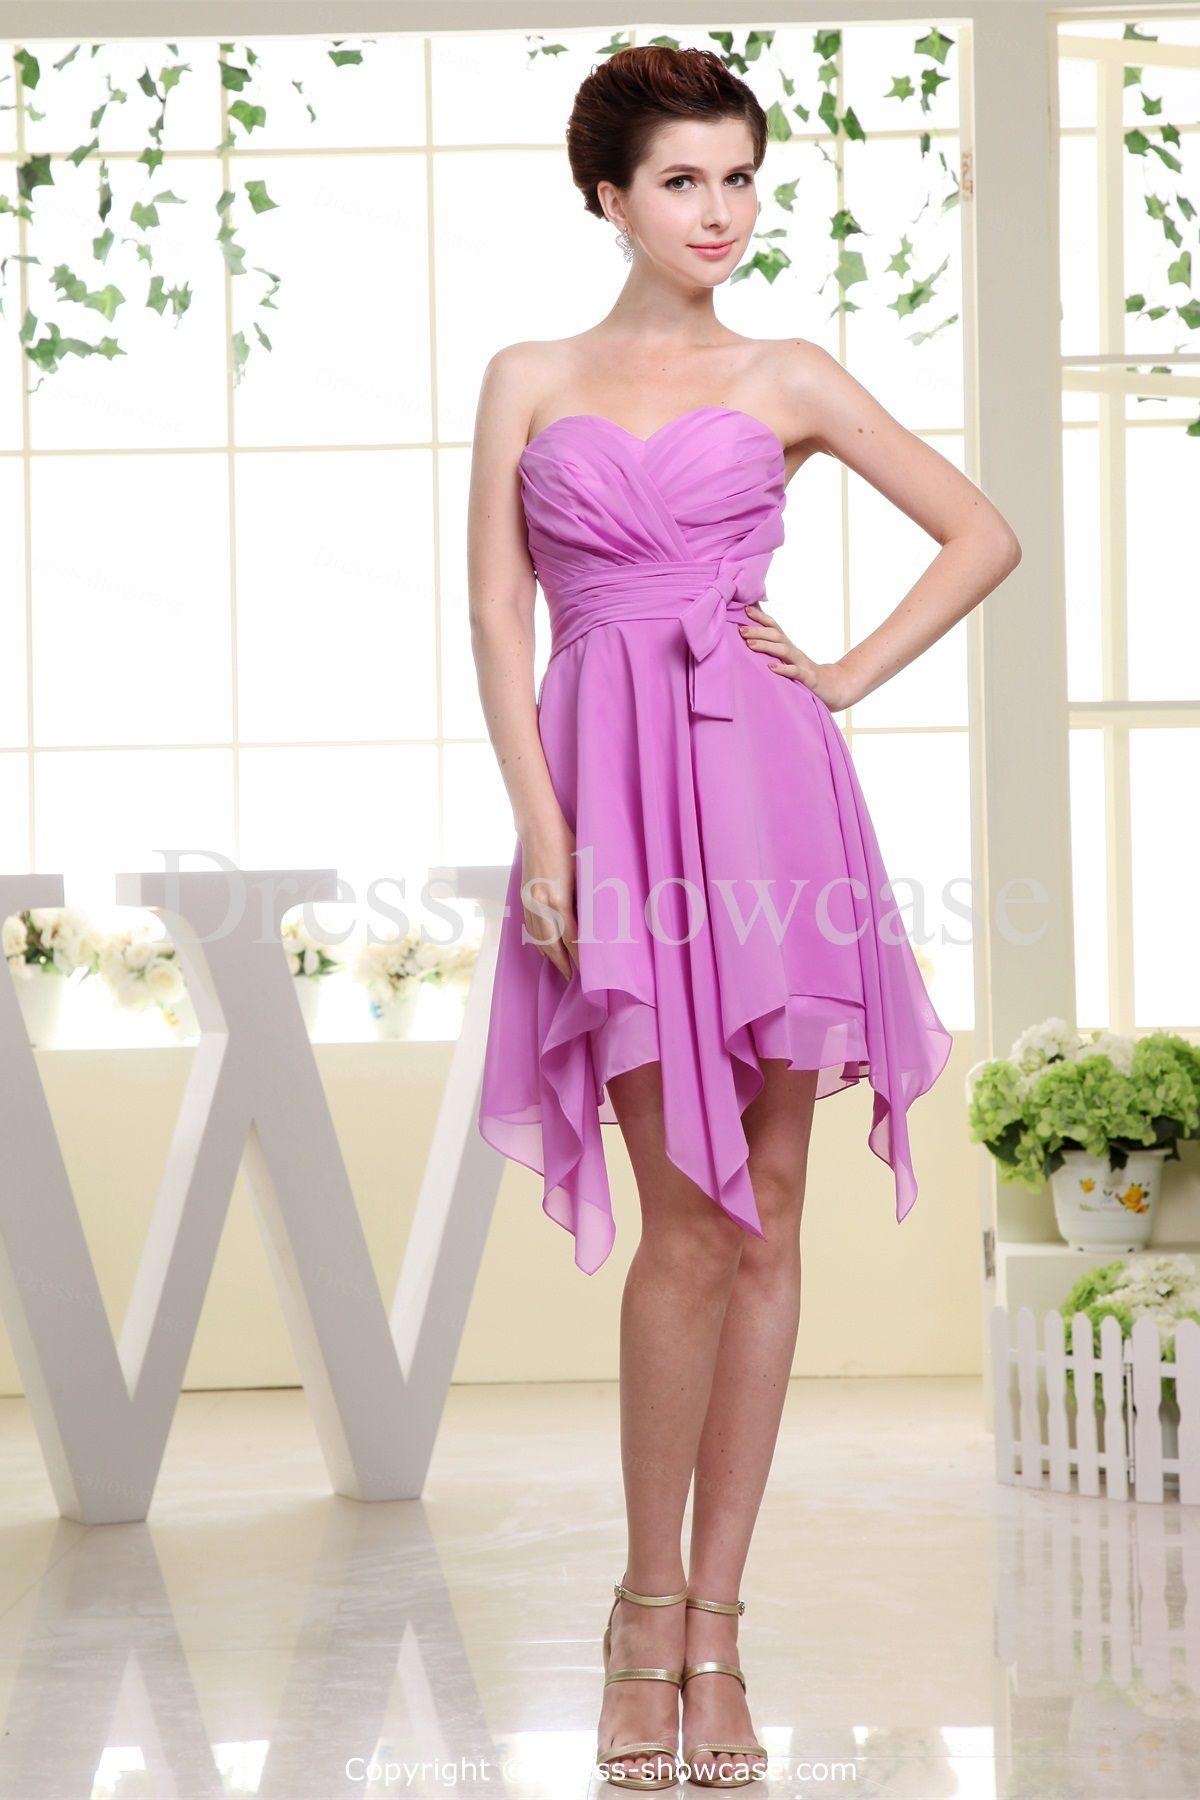 Encantador Kristine Hermosa Wedding Gown Viñeta - Colección del ...